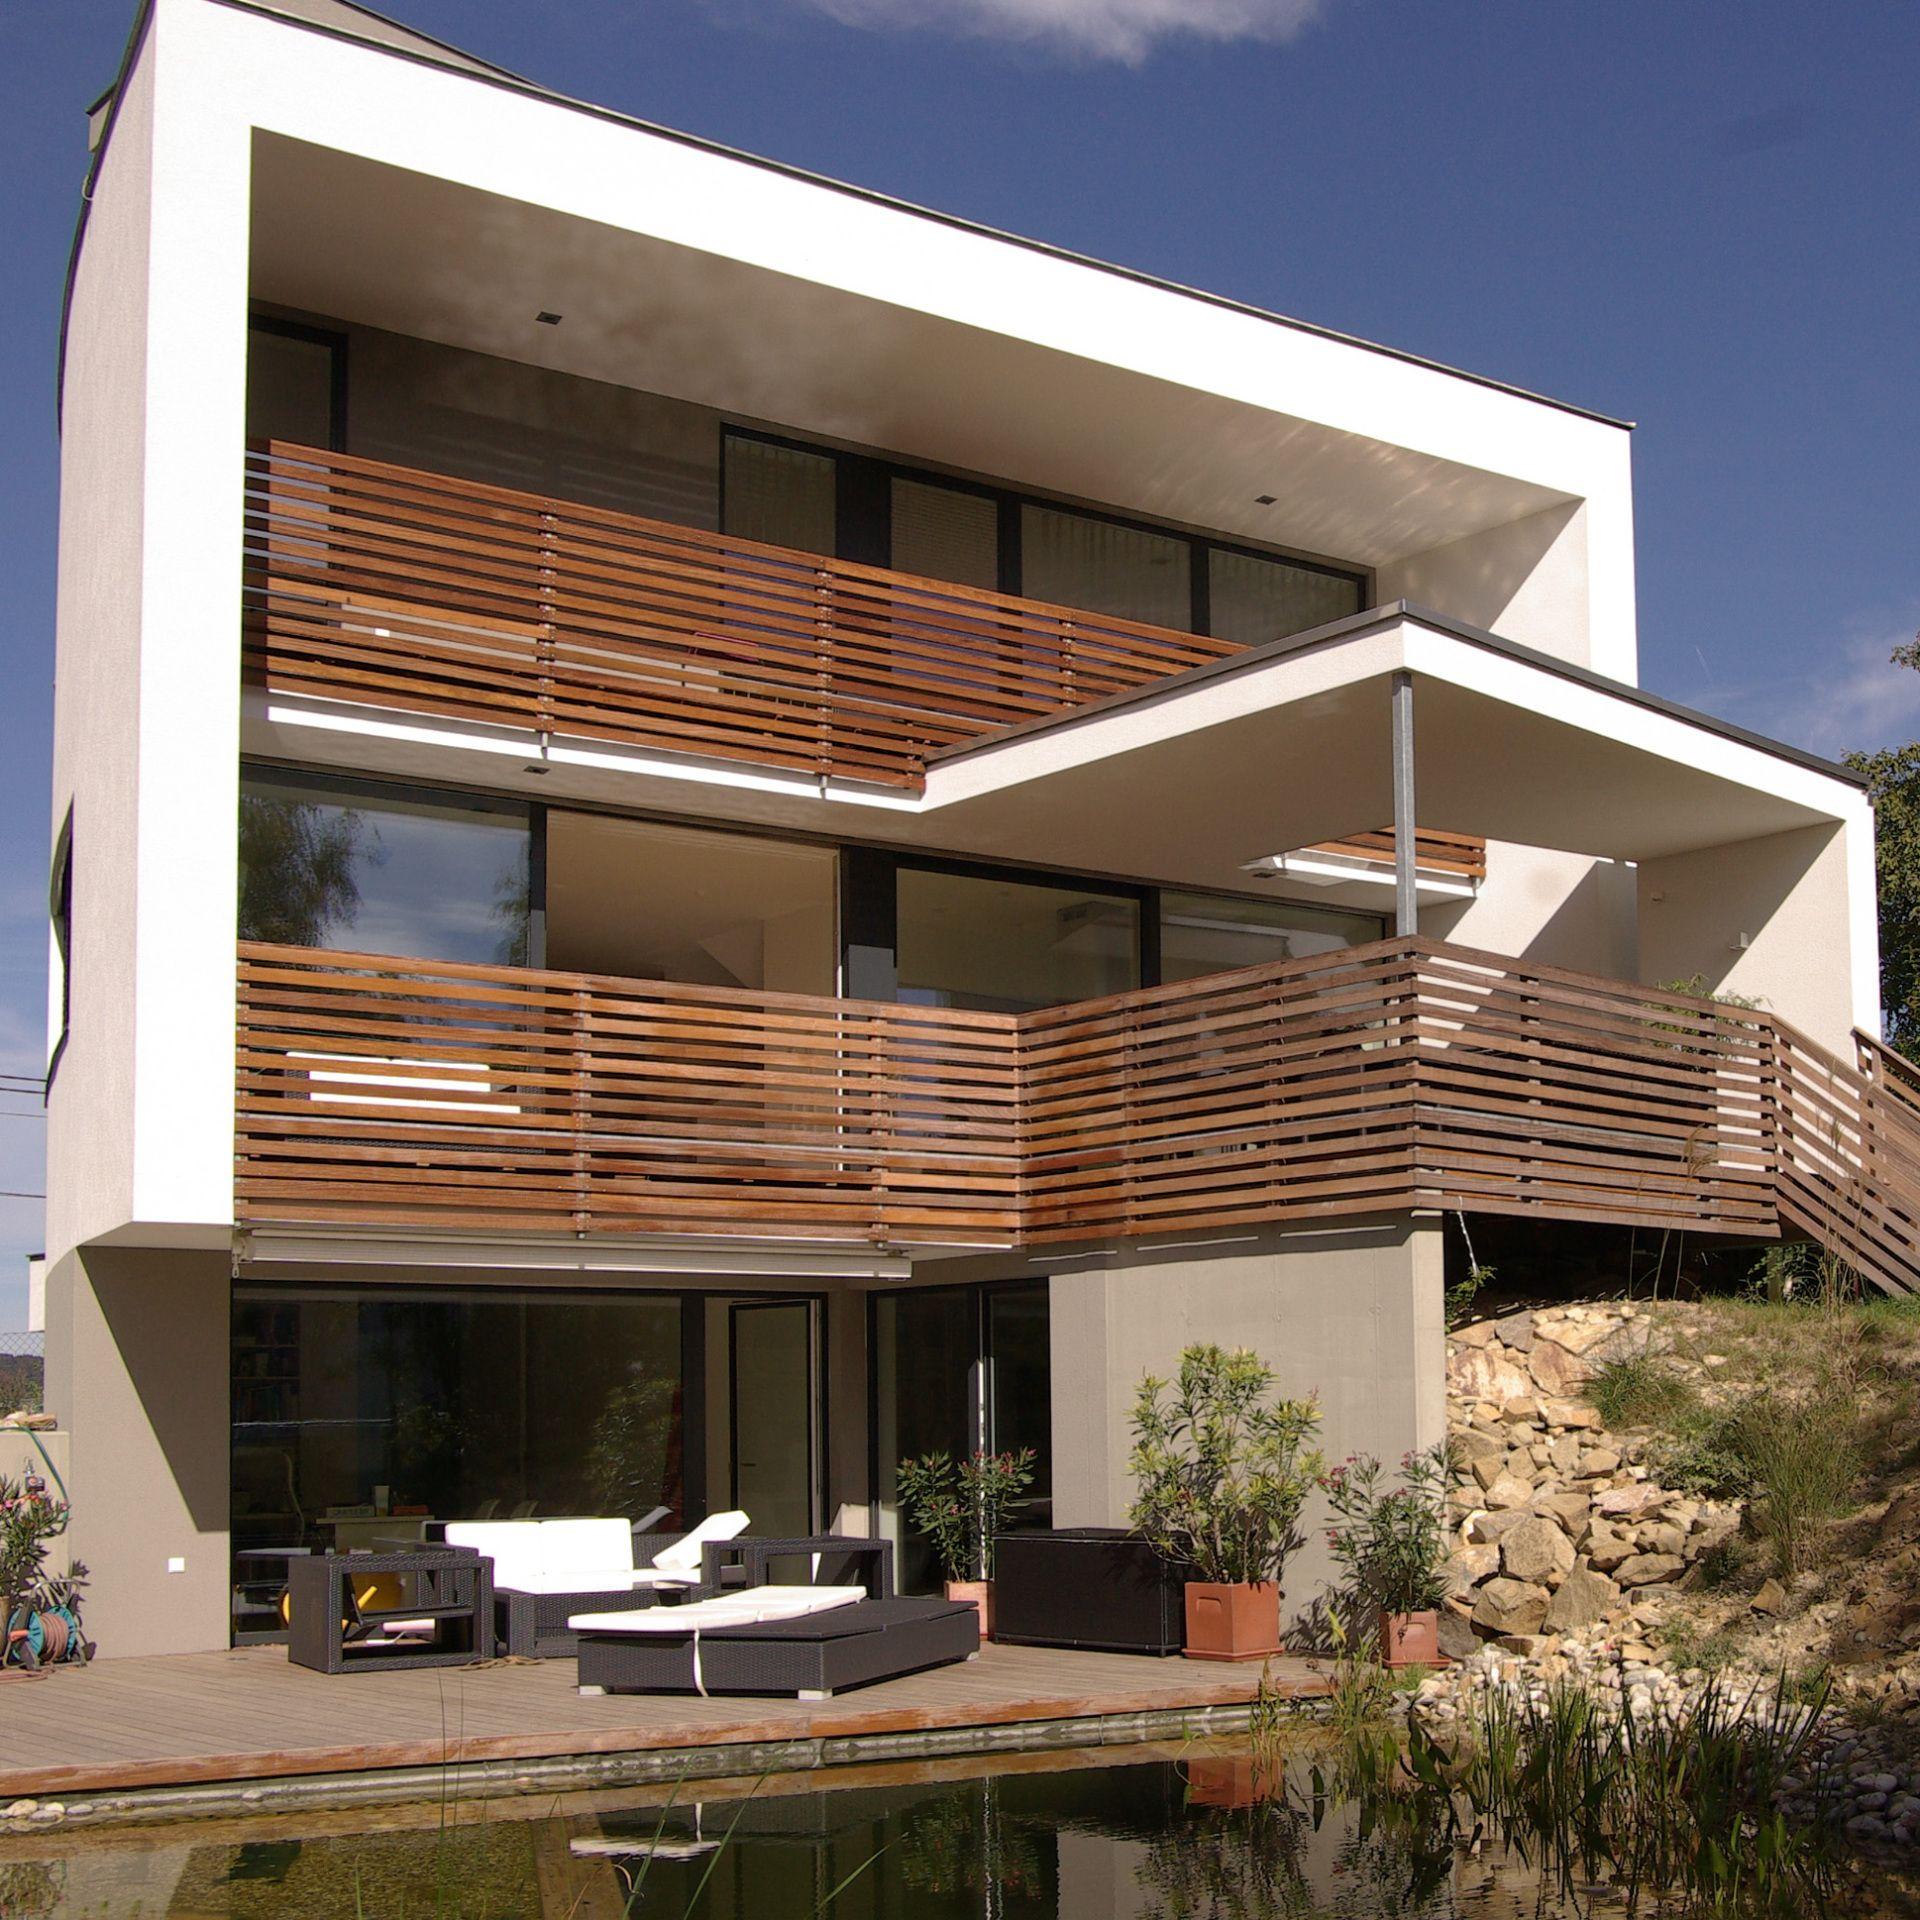 Haus In Wien Architektur Entwurf Planung Baumanagement Ortliche Bauaufsicht Architekt